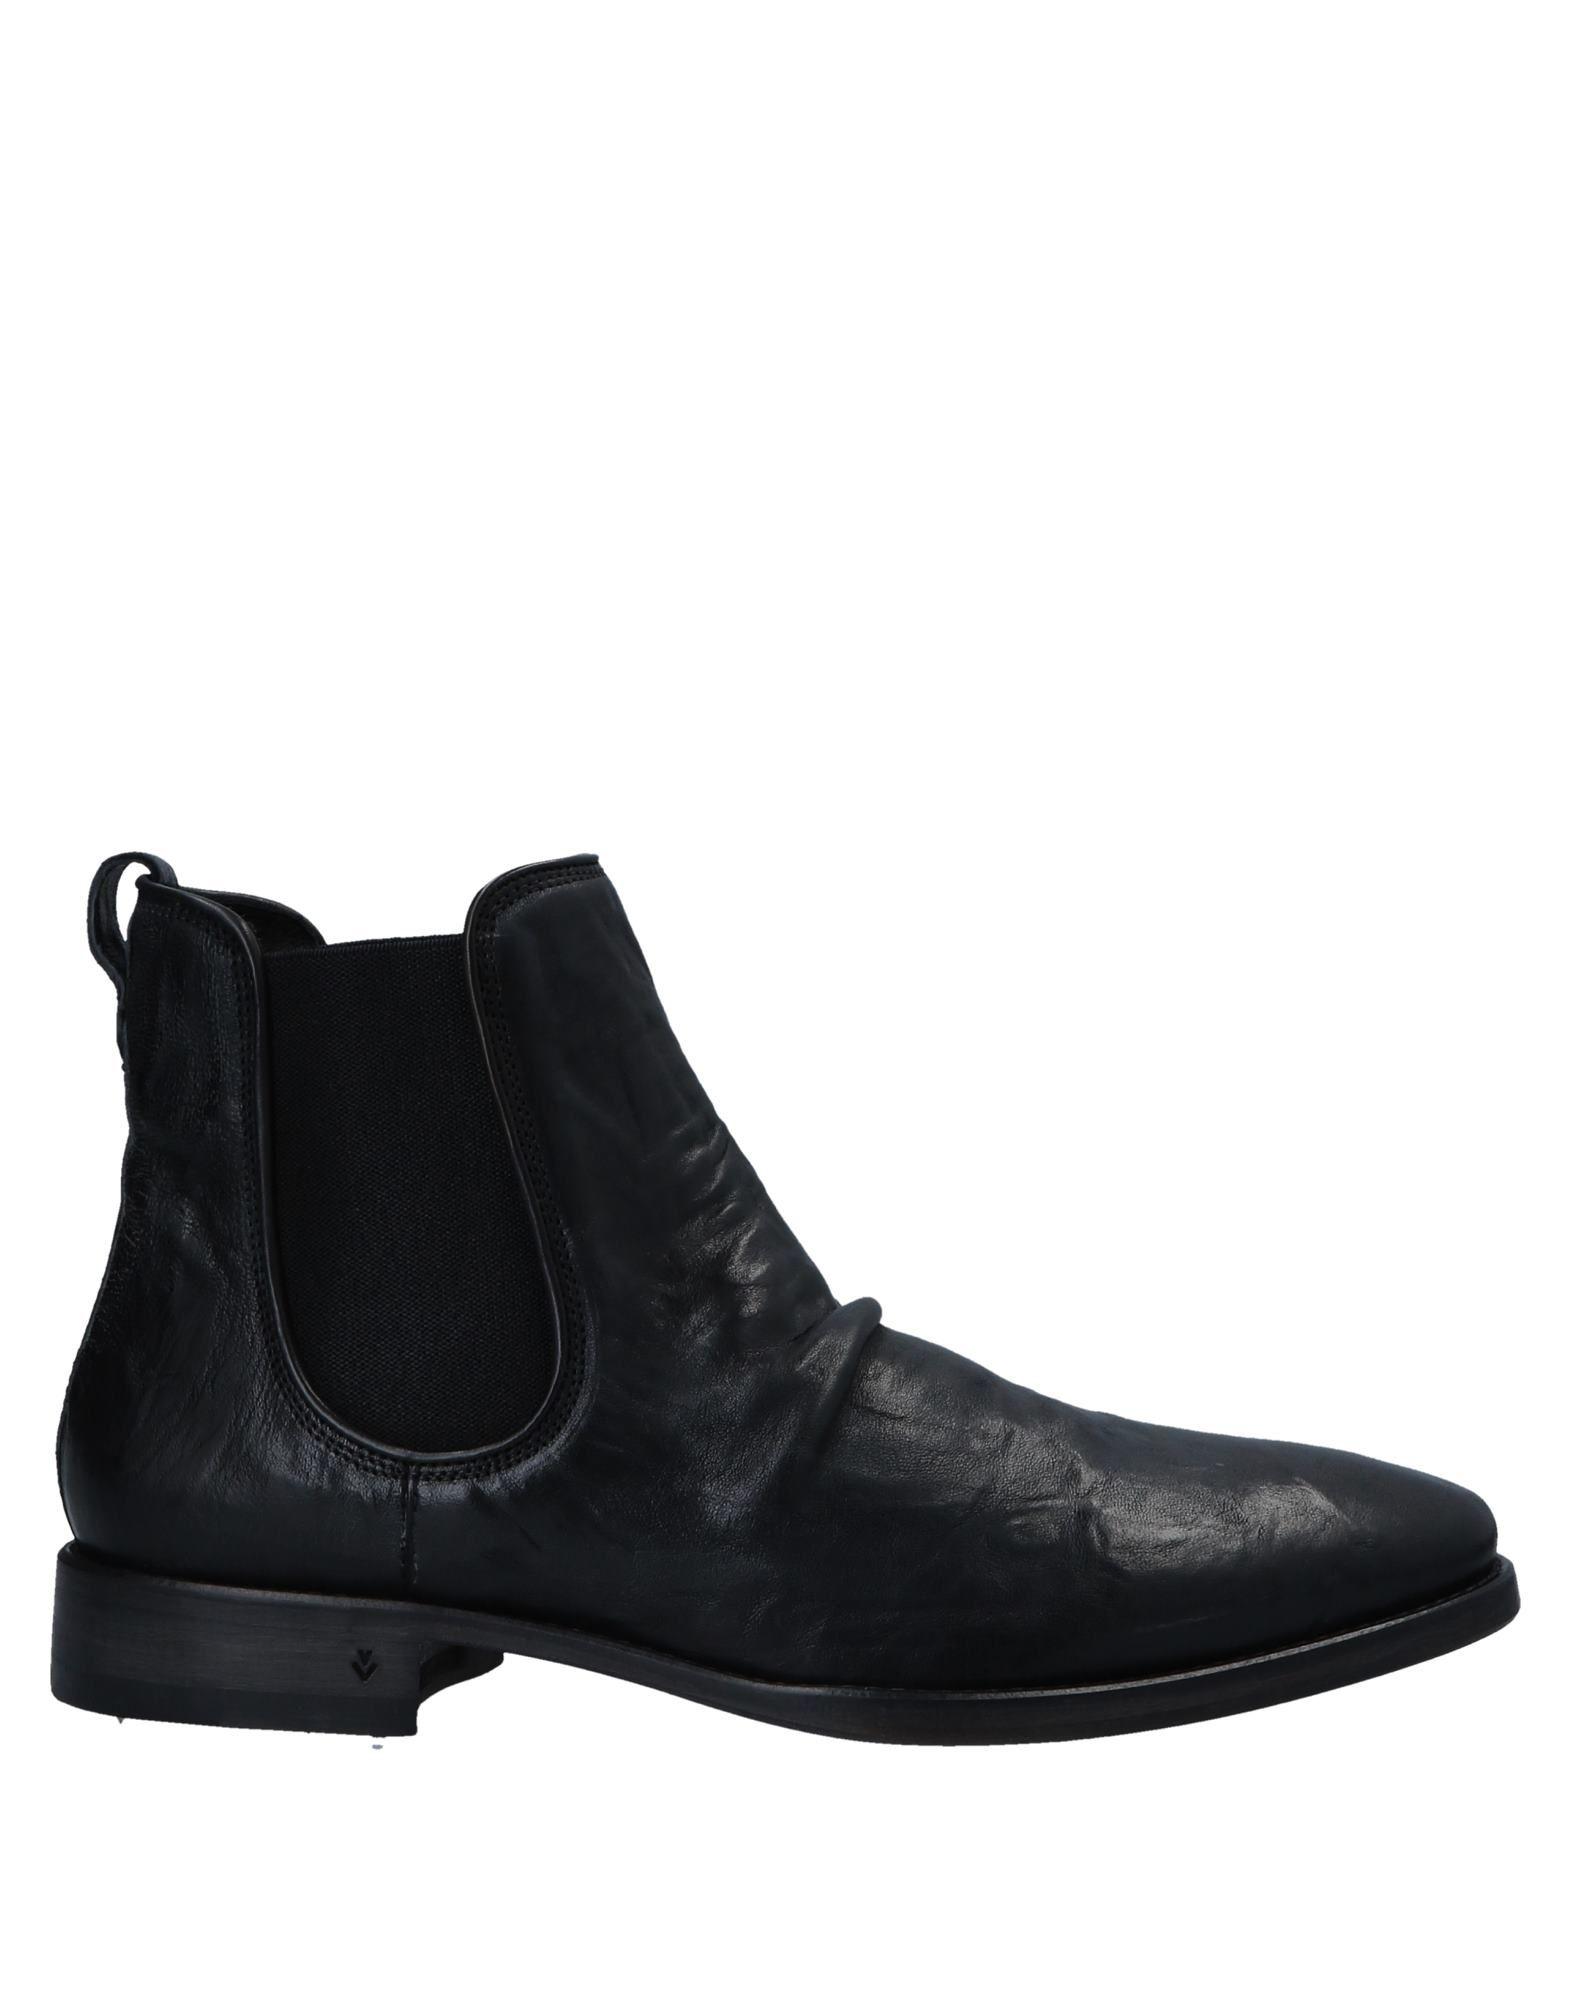 JOHN VARVATOS | JOHN VARVATOS Ankle boots 11535971 | Goxip